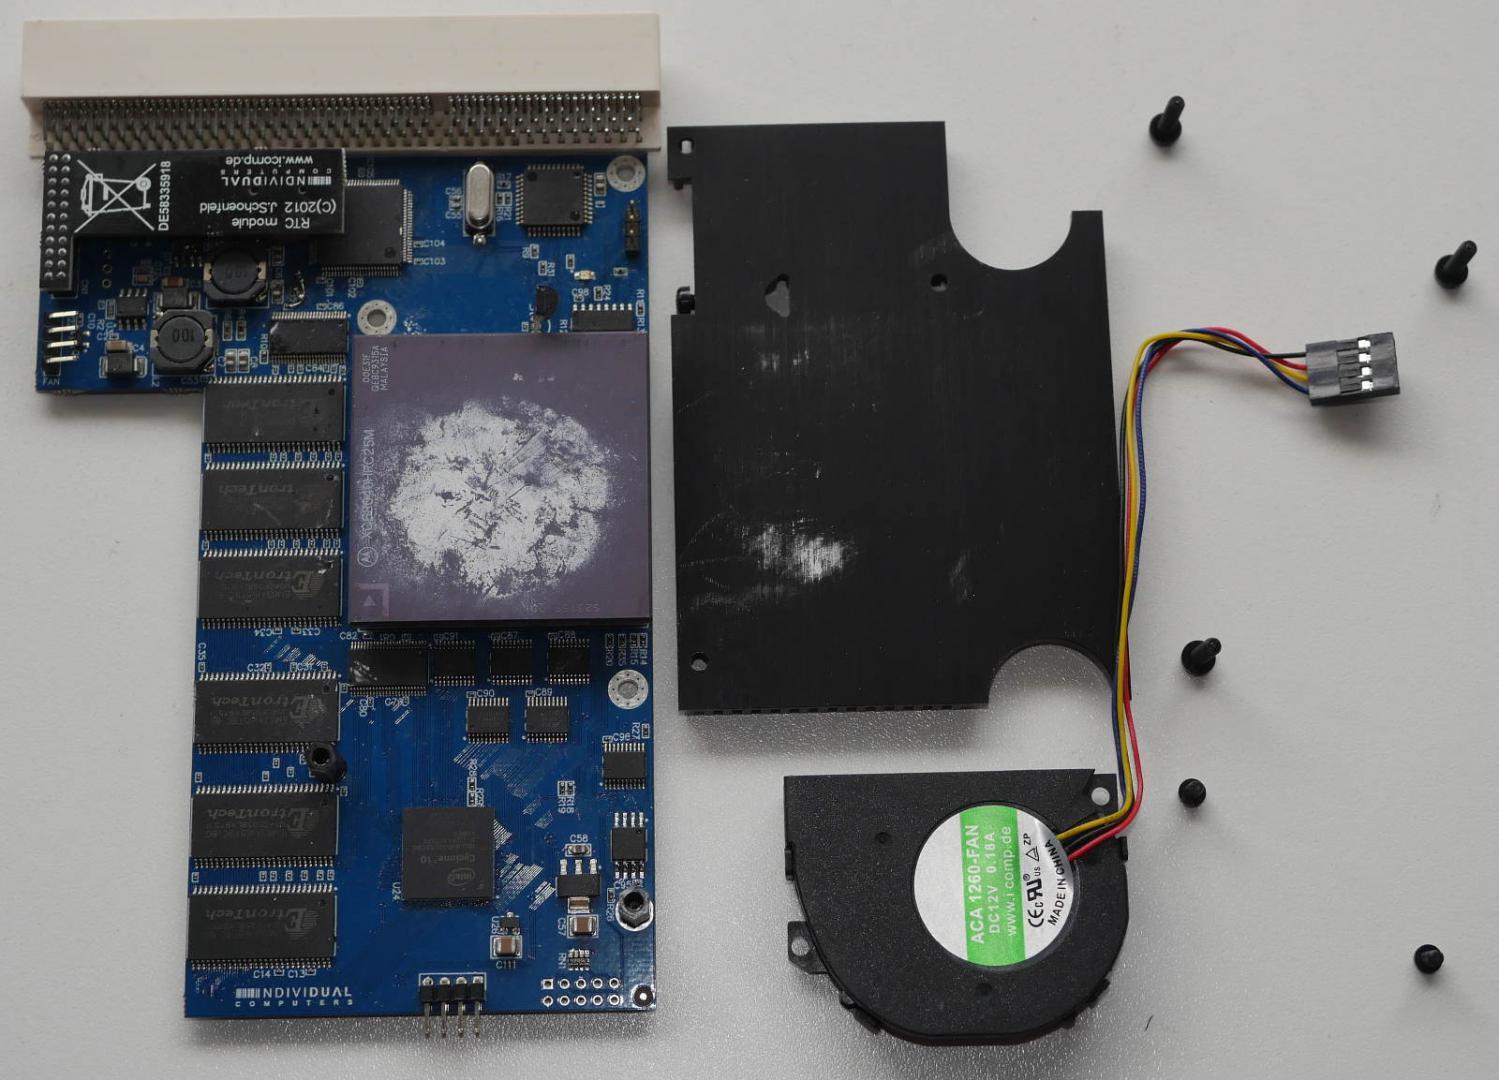 Klikněte na obrázek pro zobrazení větší verze  Název: ACA1260_Cooling_parts.jpg Zobrazeno: 77 Velikost: 167,9 KB ID: 9937